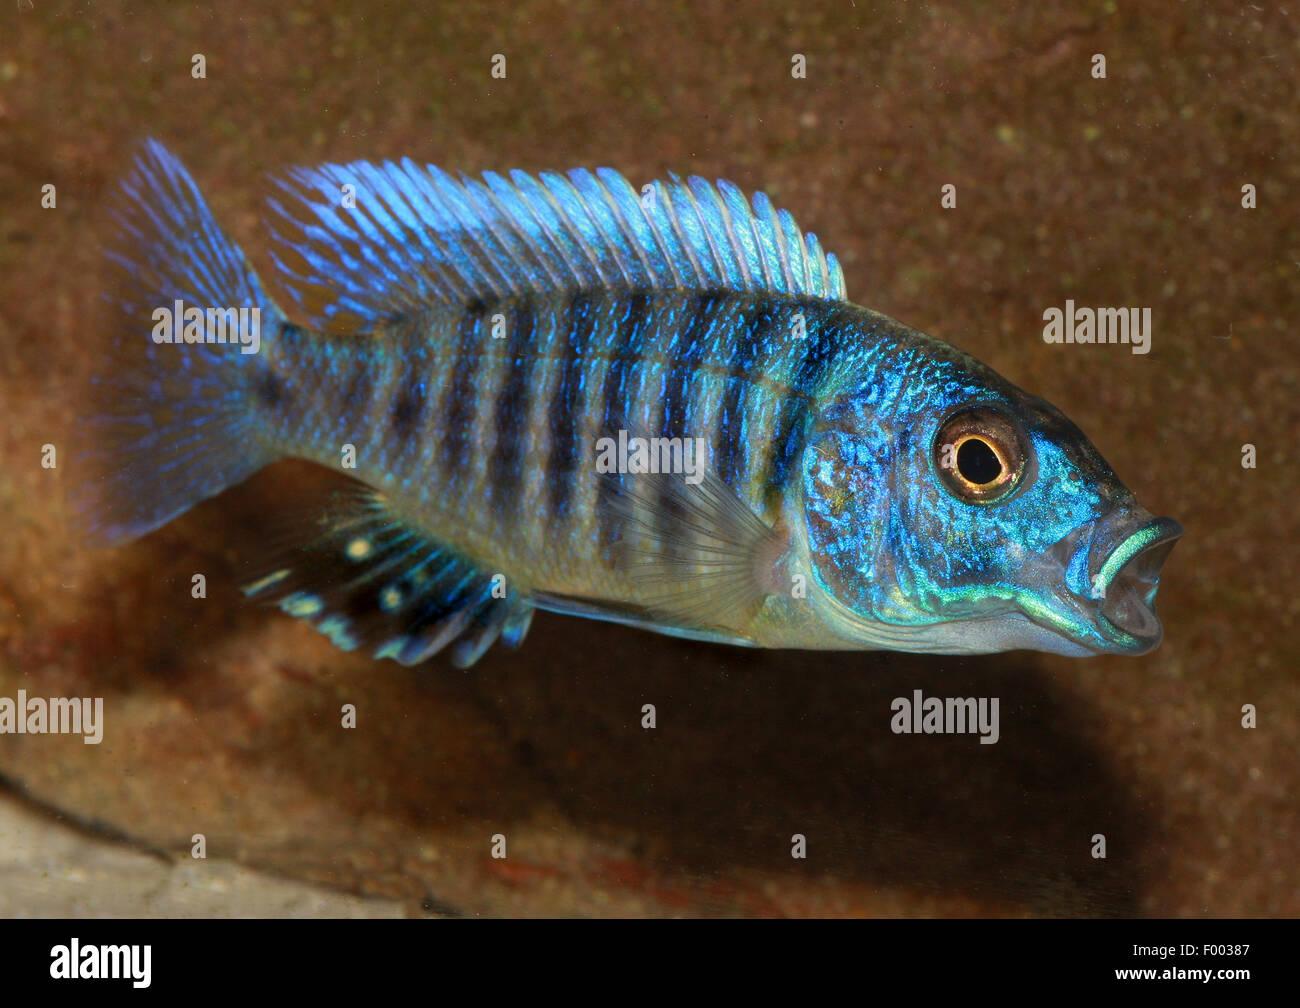 Freshwater fish of southern africa - Malawi Cichlid Sixstripe Cynotilapia Dogtoothed Zebra Dwarf Zebra Cynotilapia Afra Hemichromis